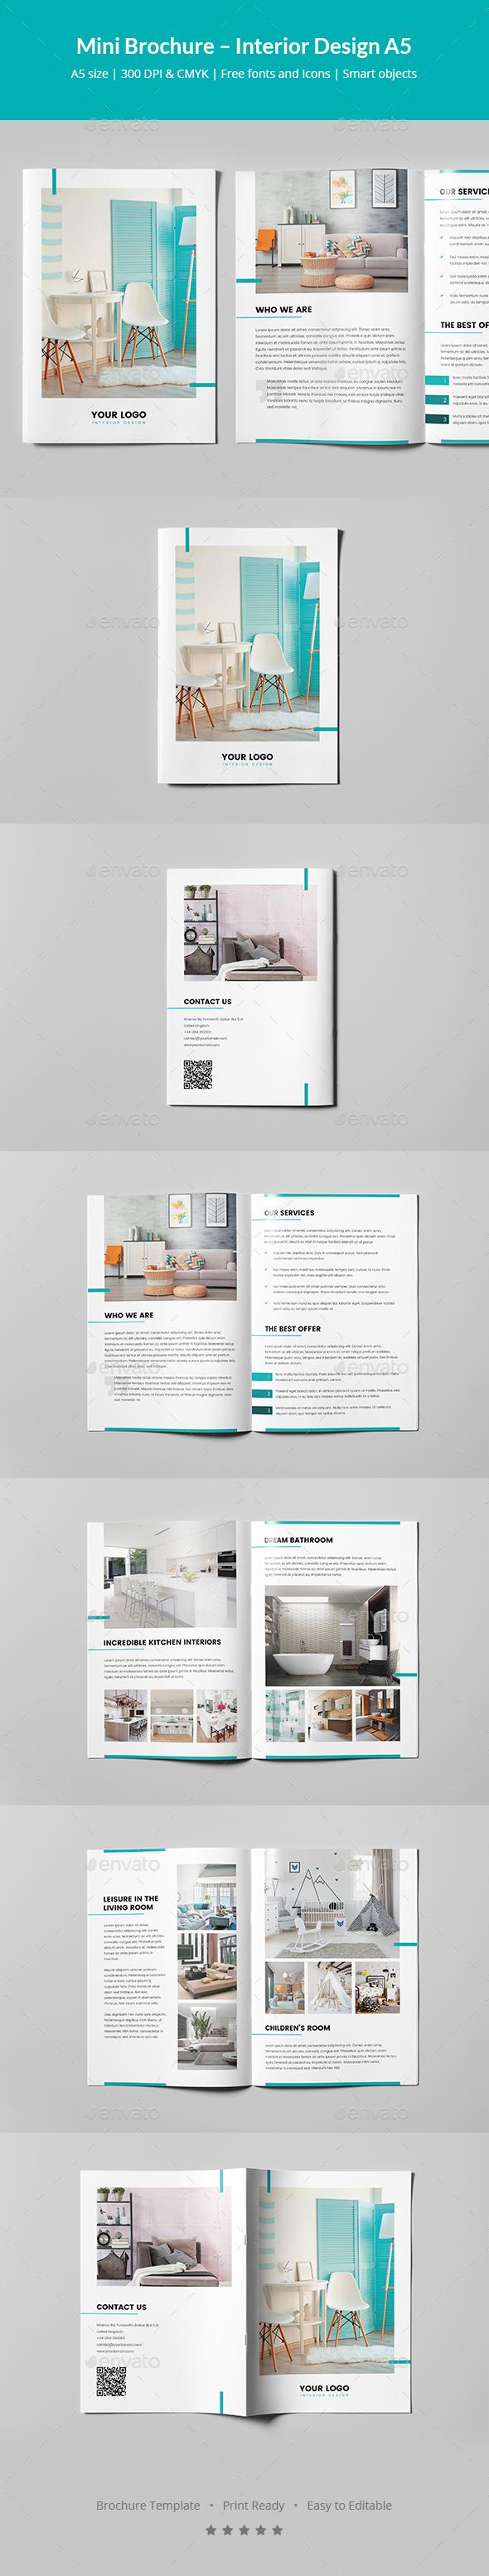 Mini Brochure – Interior Design A5 - Informational Brochures